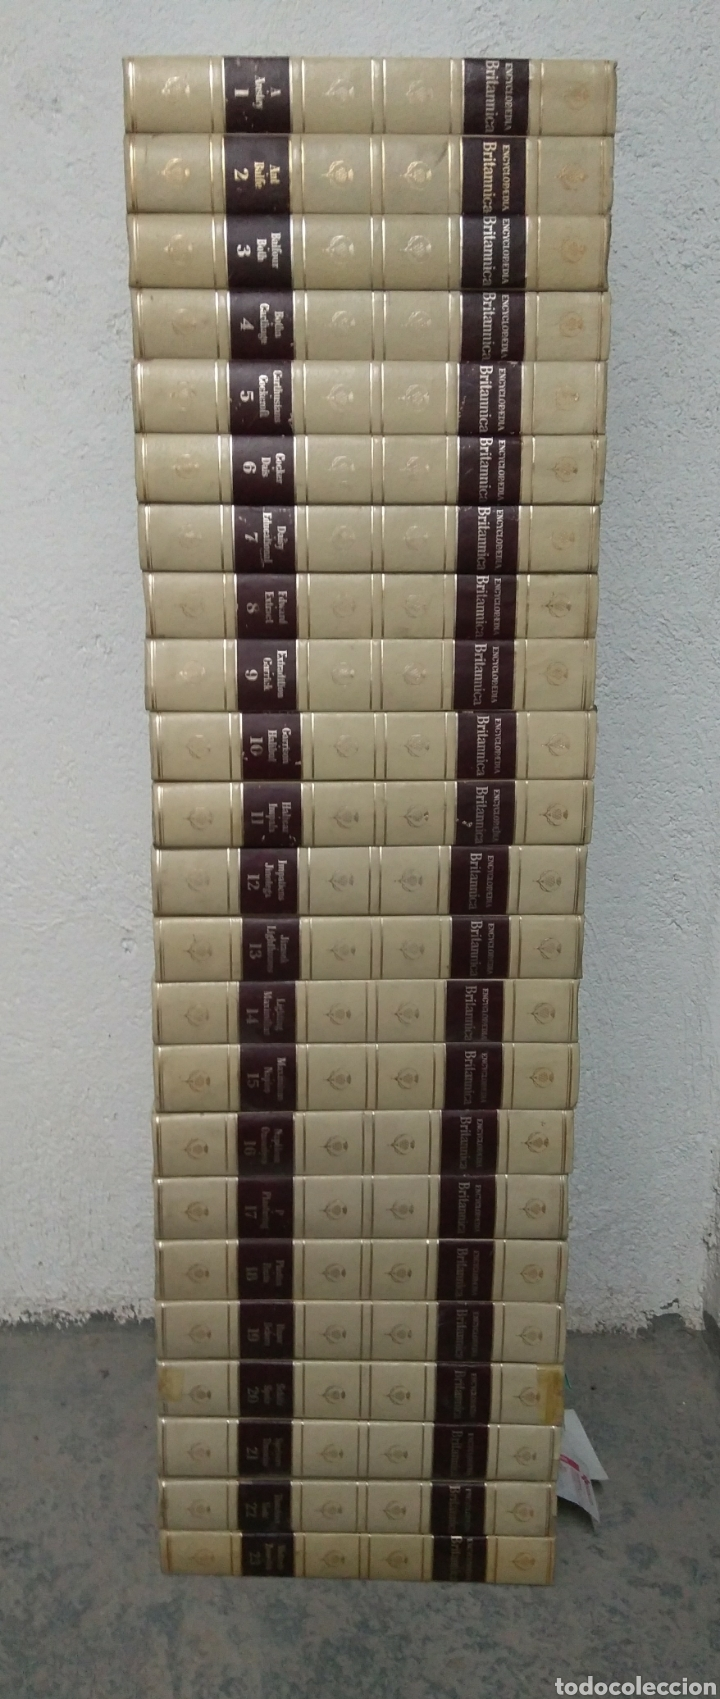 Enciclopedia británica encyclopaedia britannica - Sold